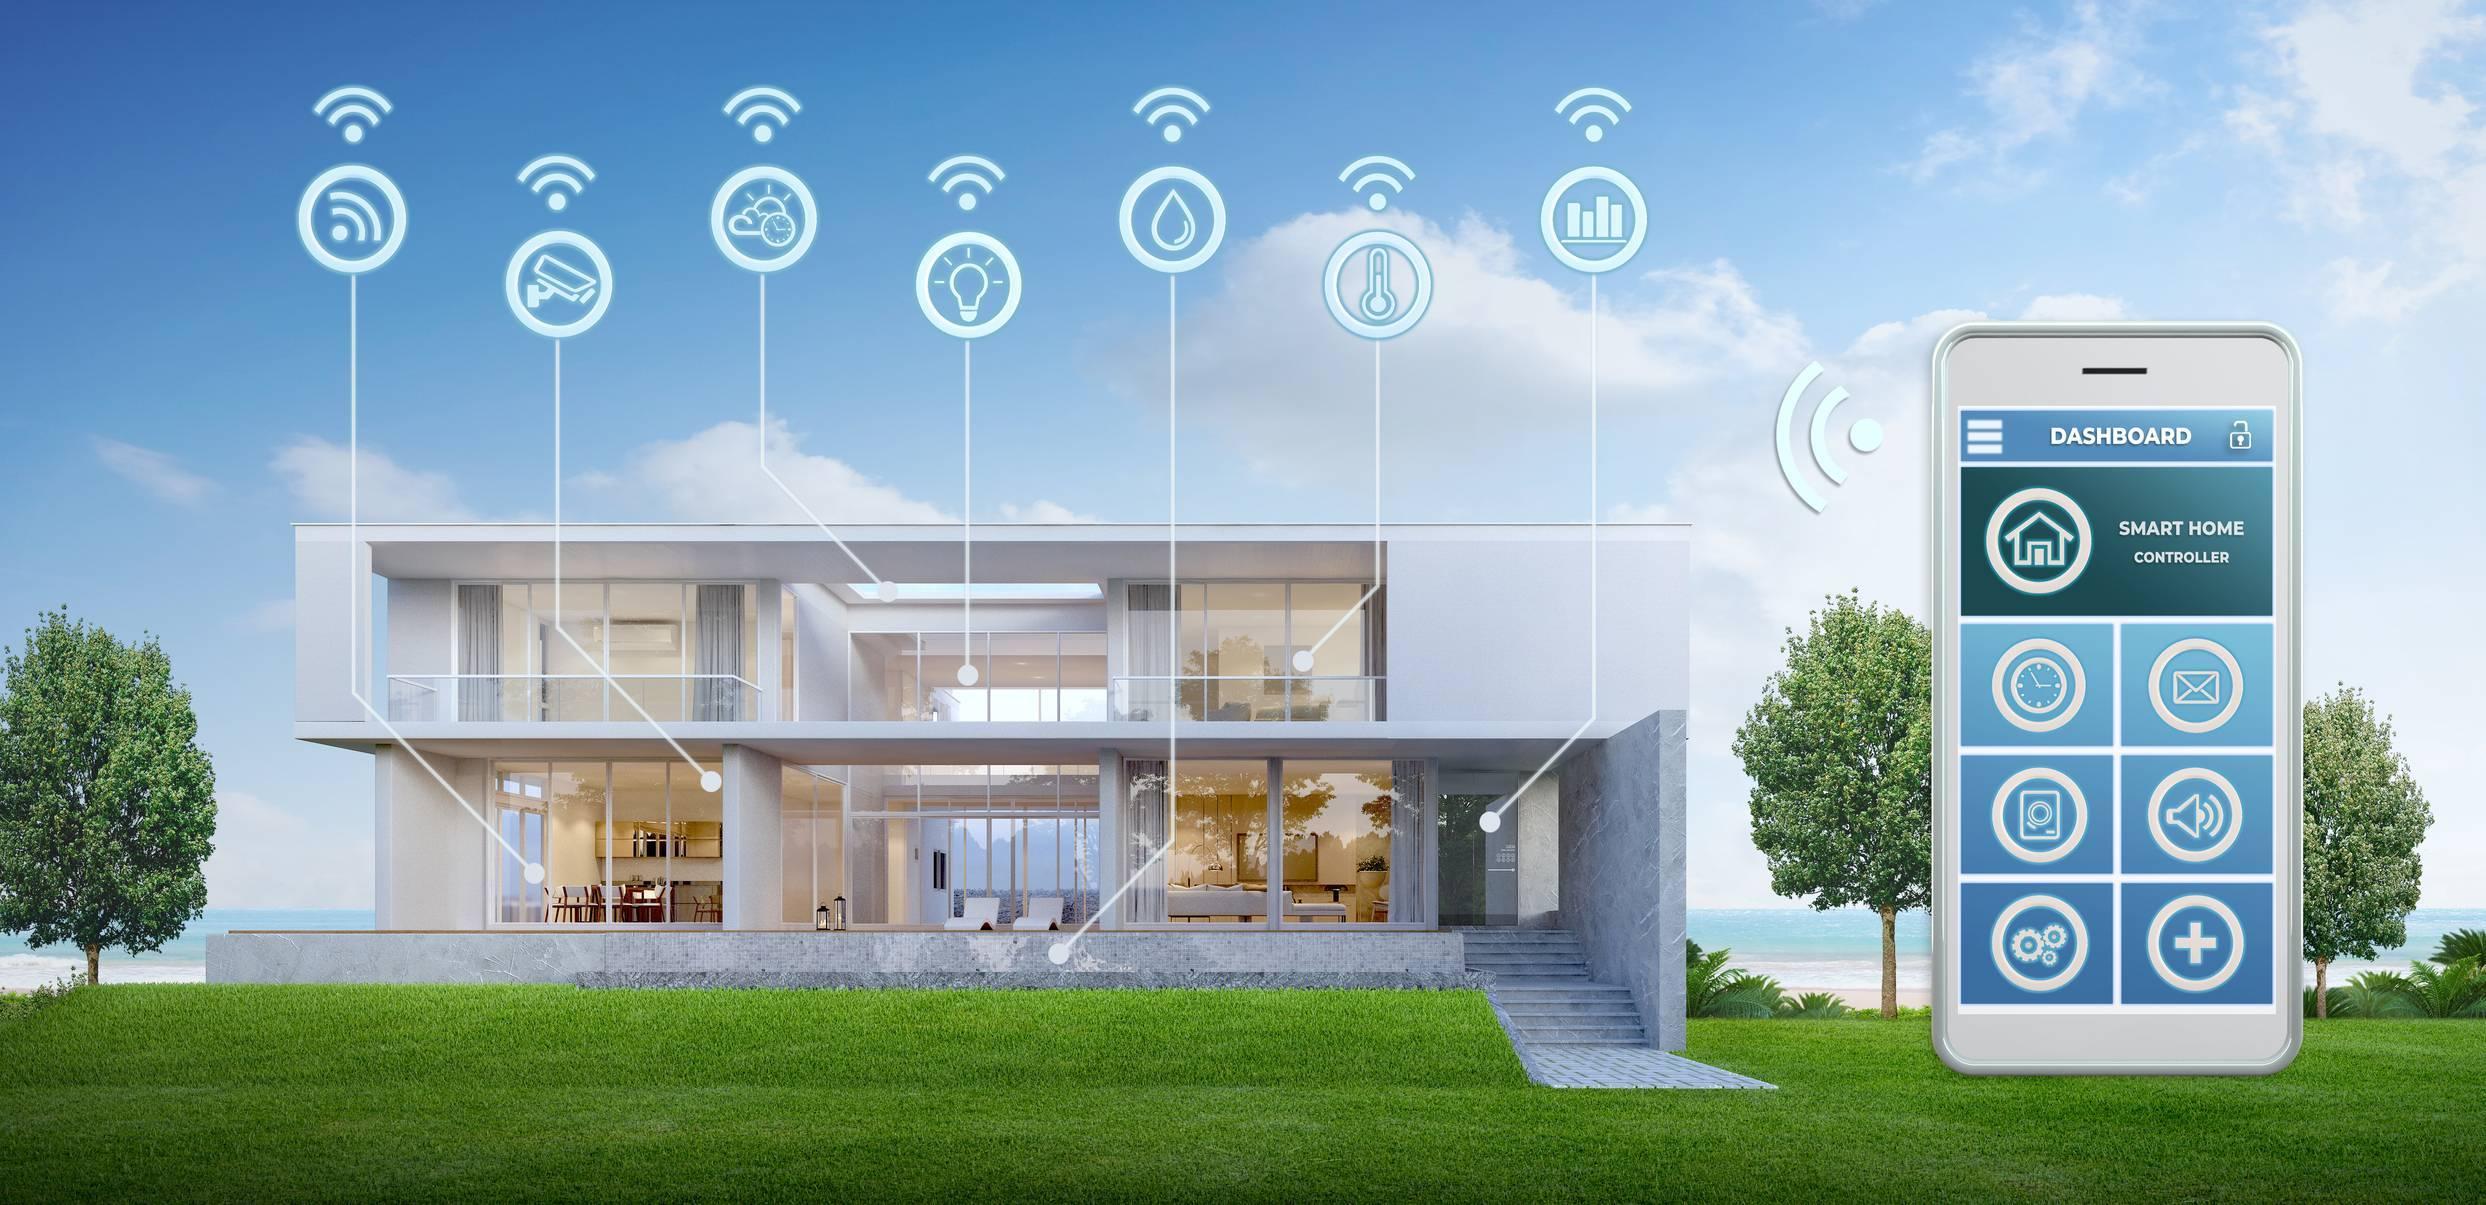 optimiser la sécurité de son habitation